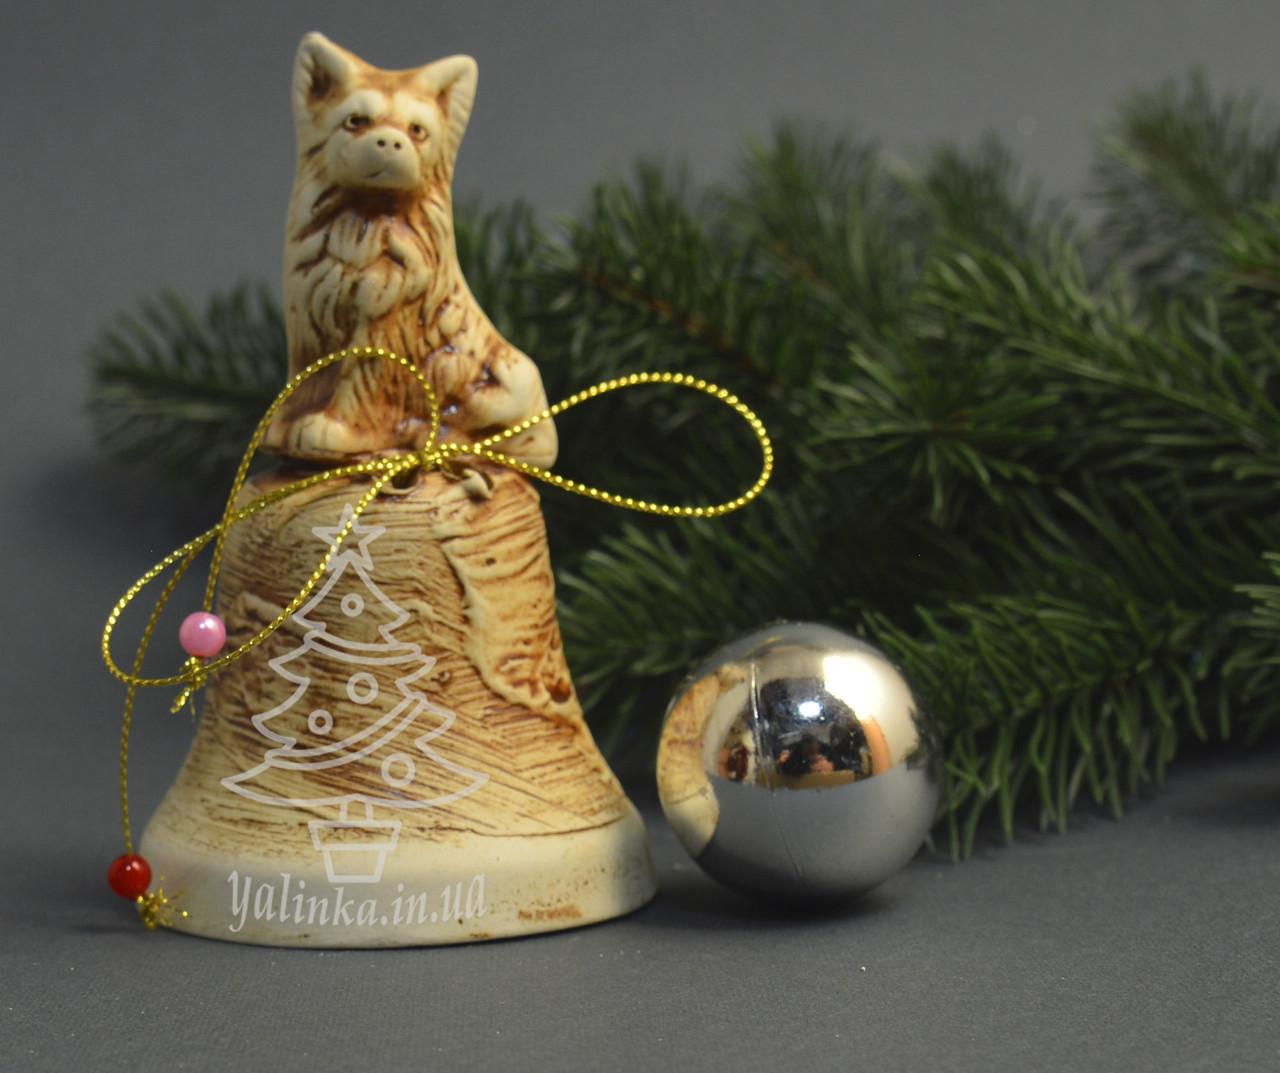 Новогодний сувенир колокольчик с собакой 1749